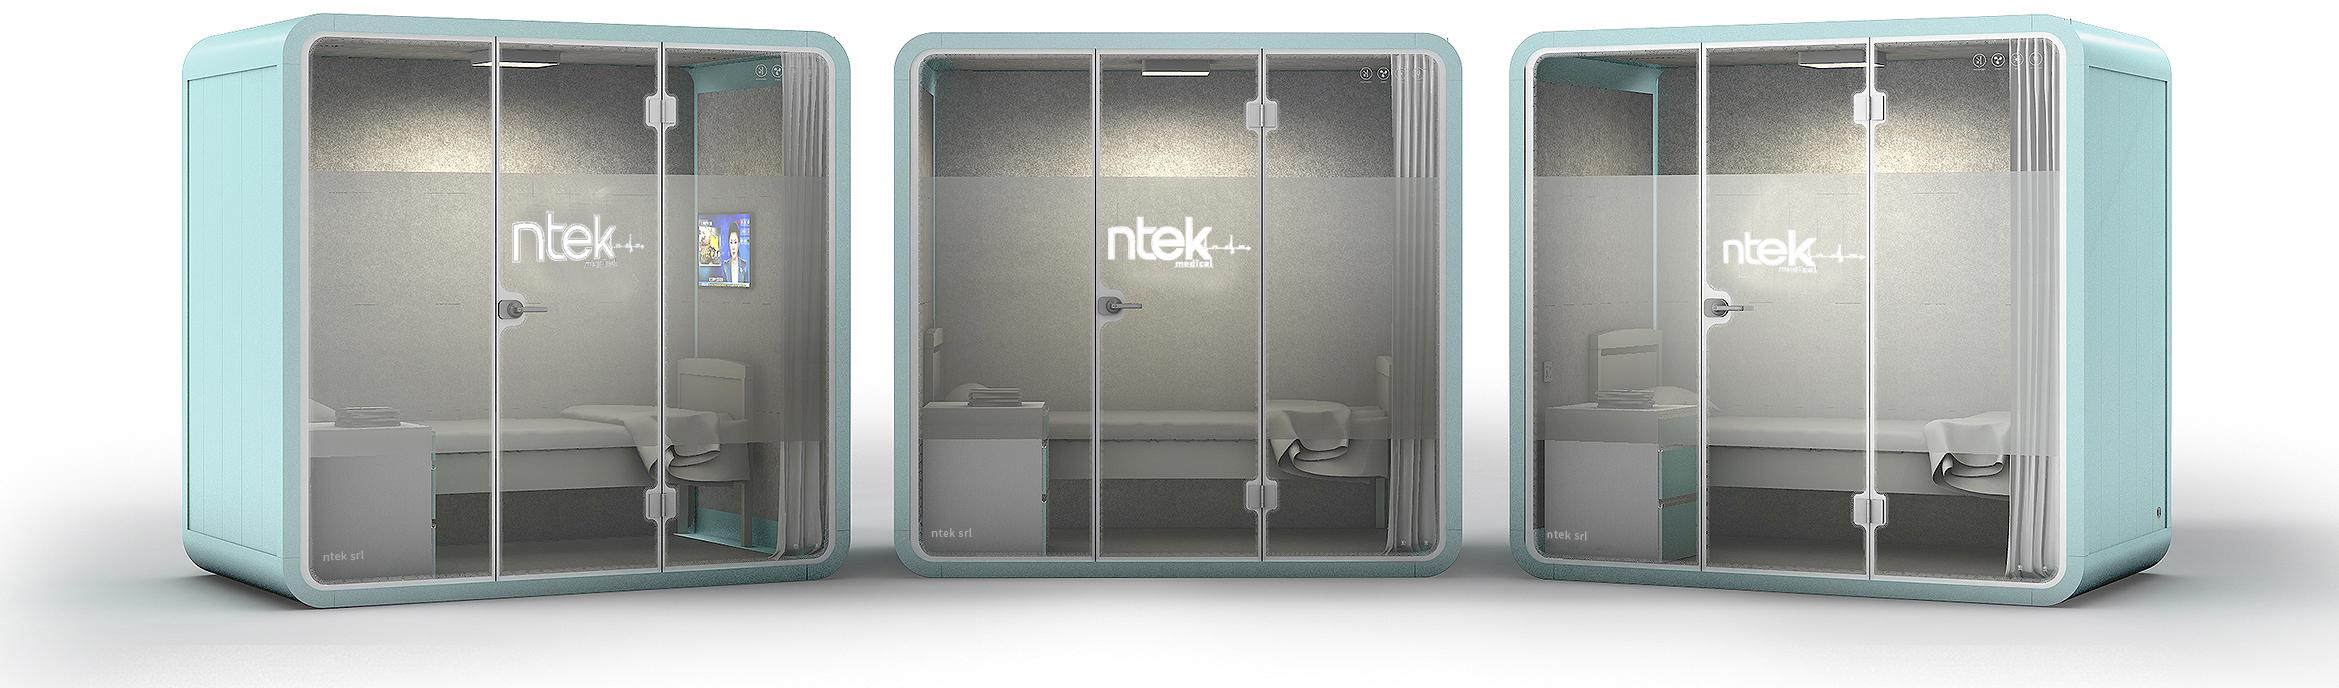 Ntek Healthcare Logo